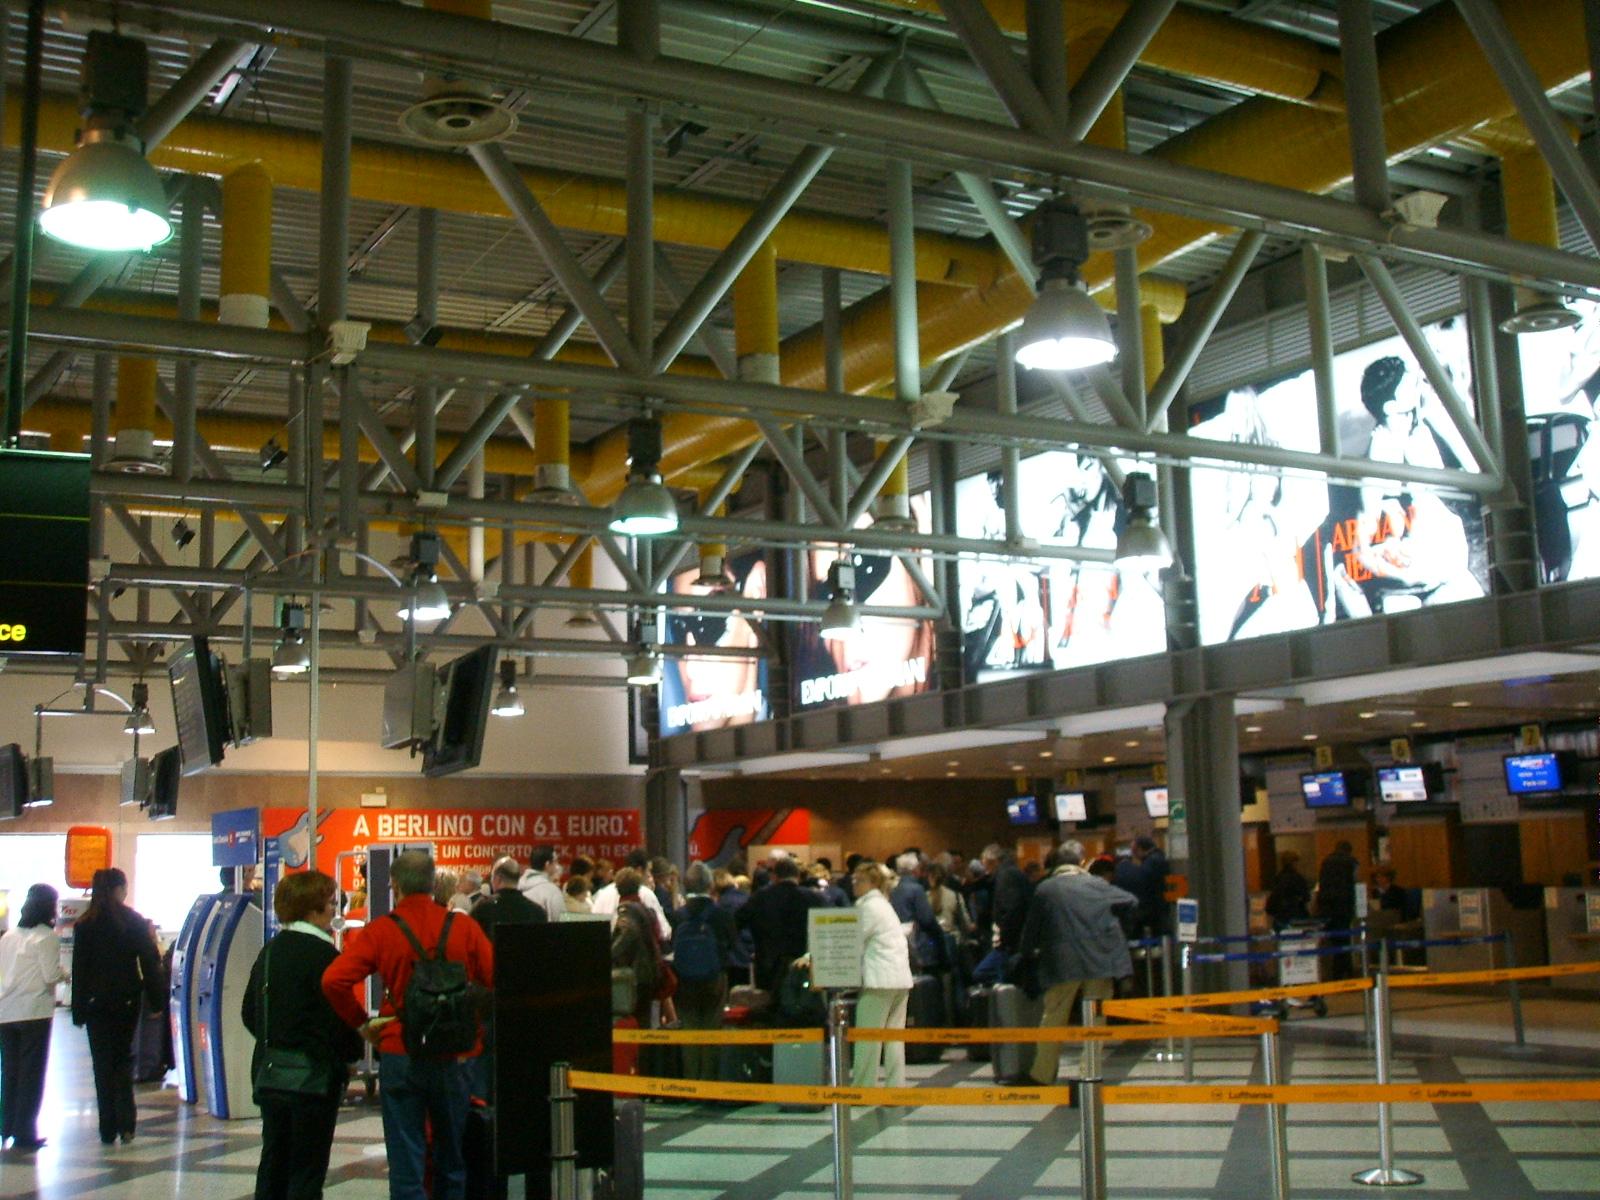 Aeroporto di firenze check in.JPG